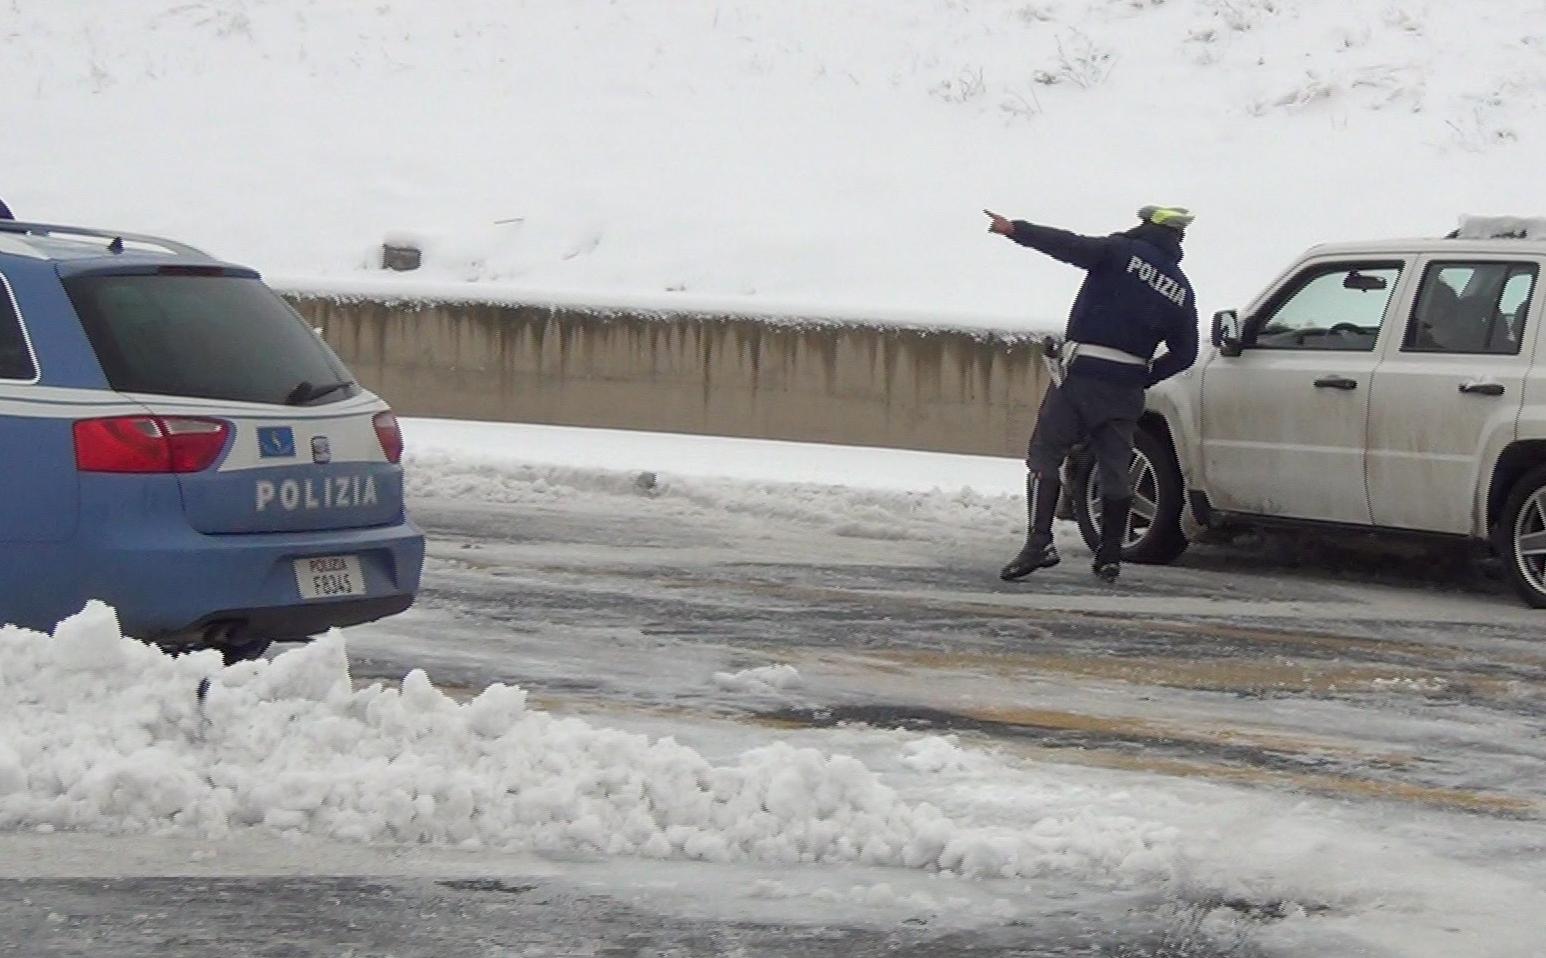 Calendario Partenze Autostrade 2021 Piano Invernale 2020/2021 | Polizia di Stato